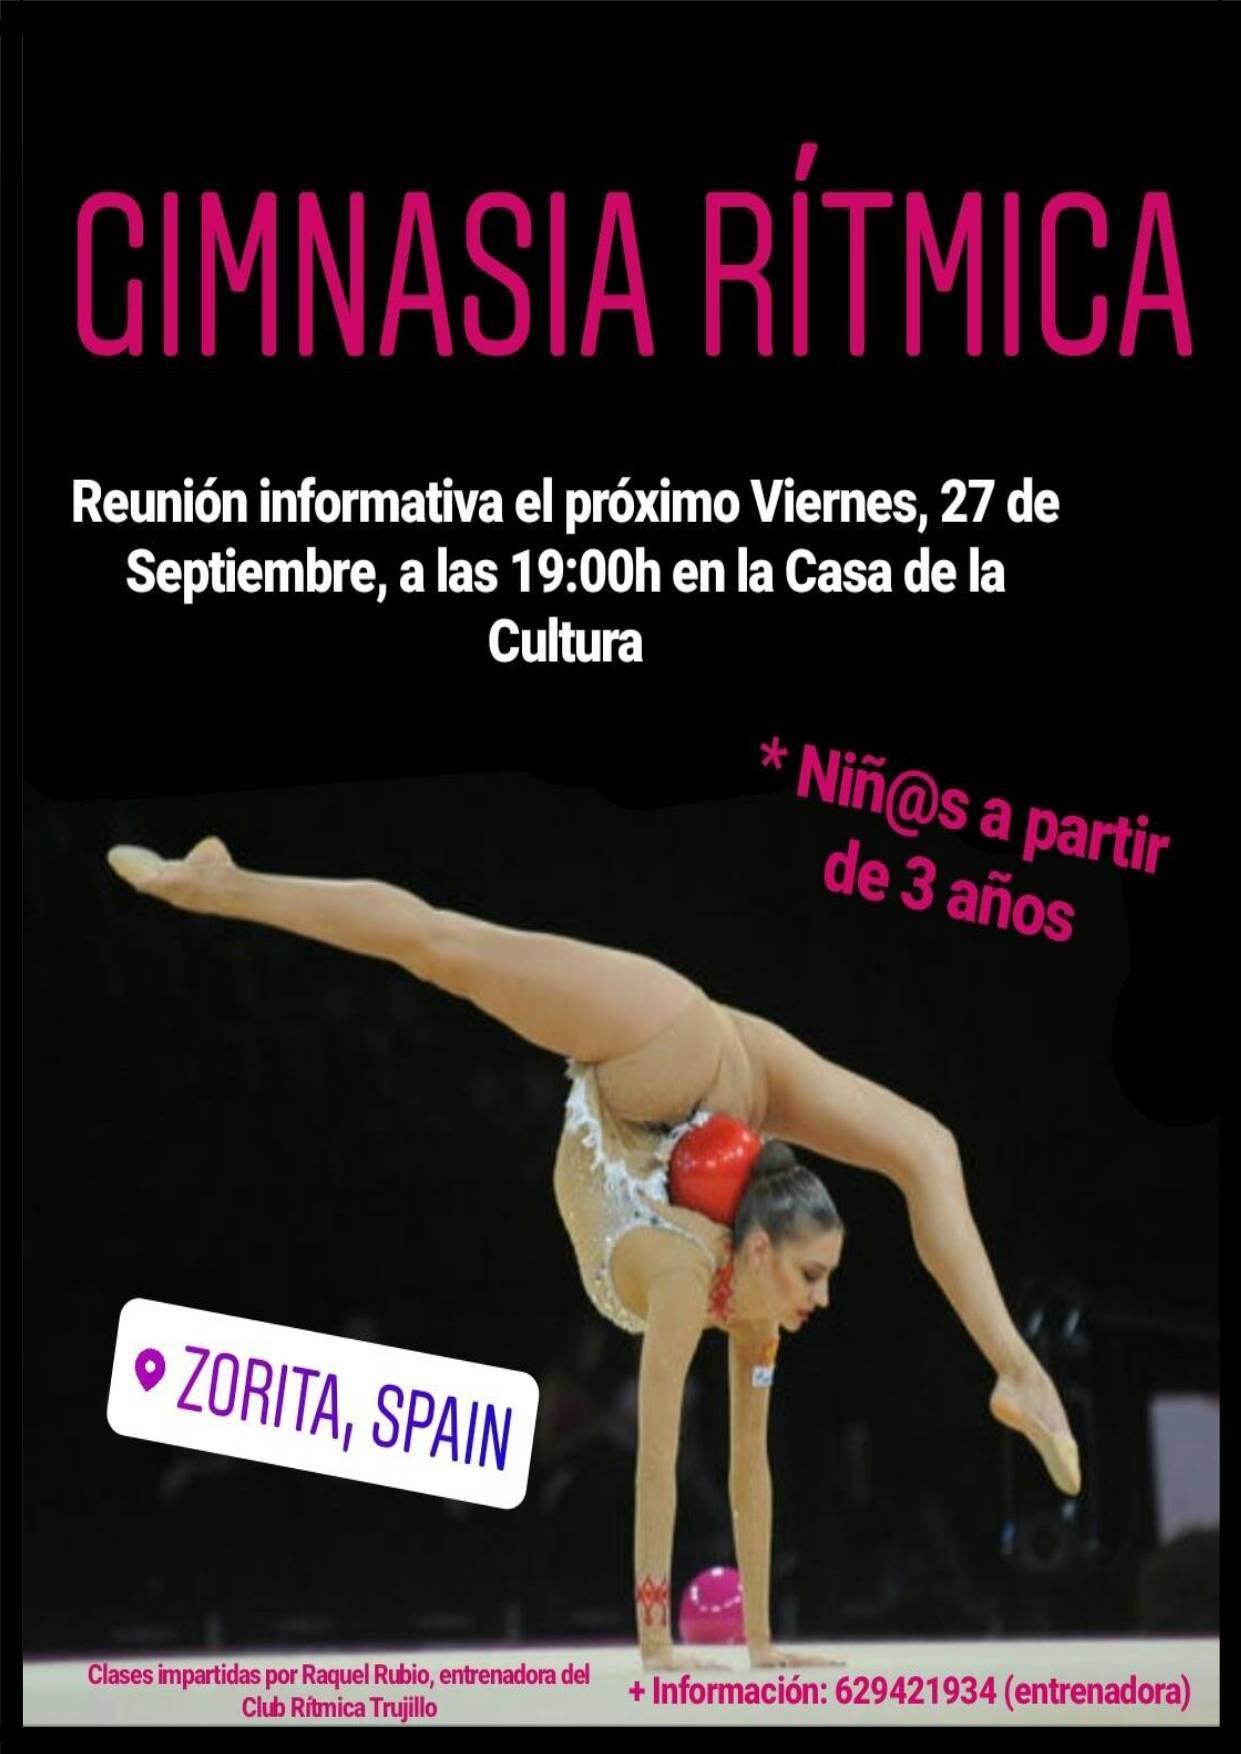 Reunión informativa de gimnasia rítmica 2019 - Zorita (Cáceres)